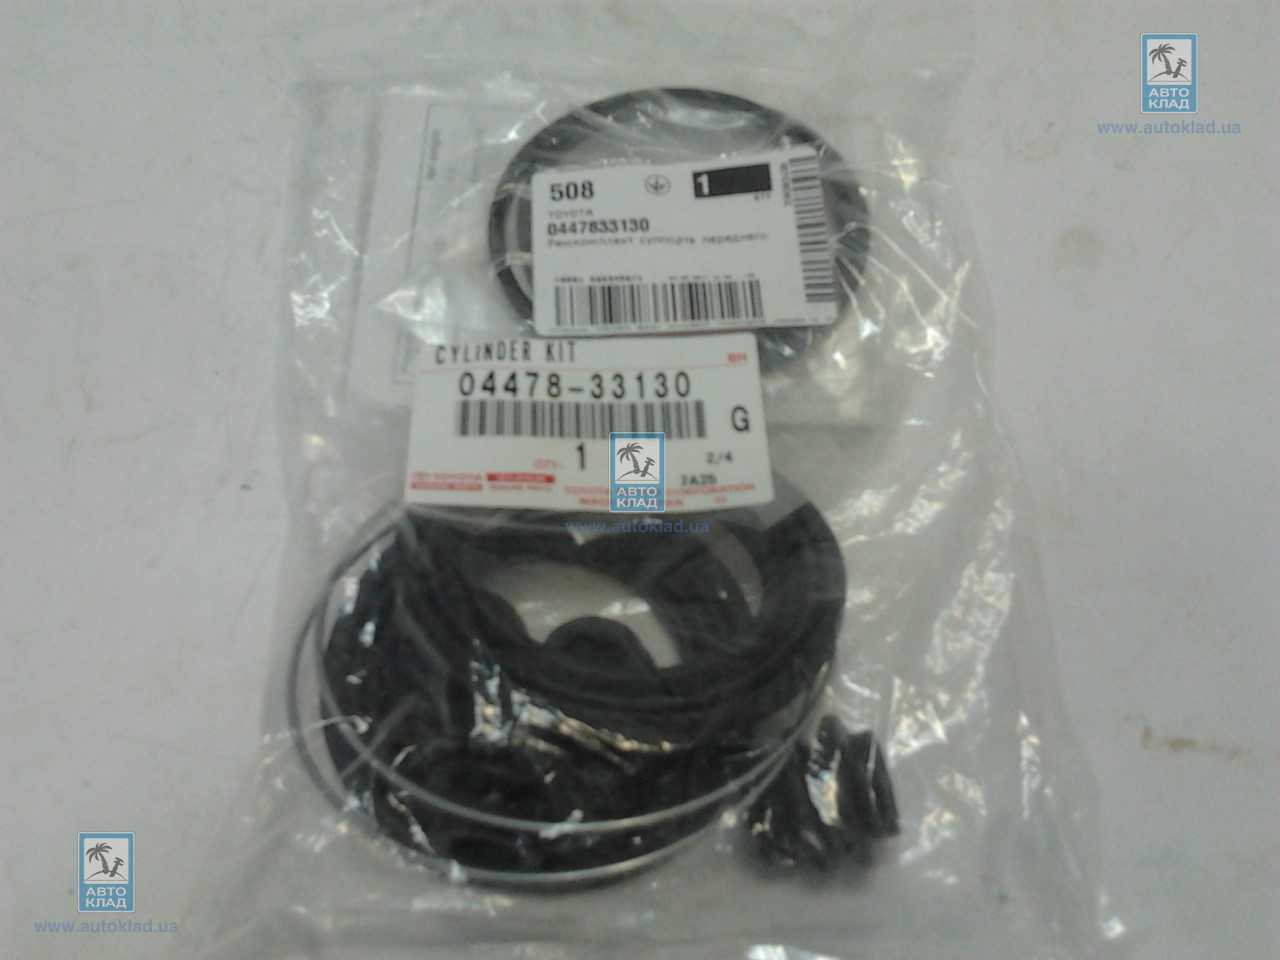 Ремкомплект суппорта переднего TOYOTA 0447833130: заказать